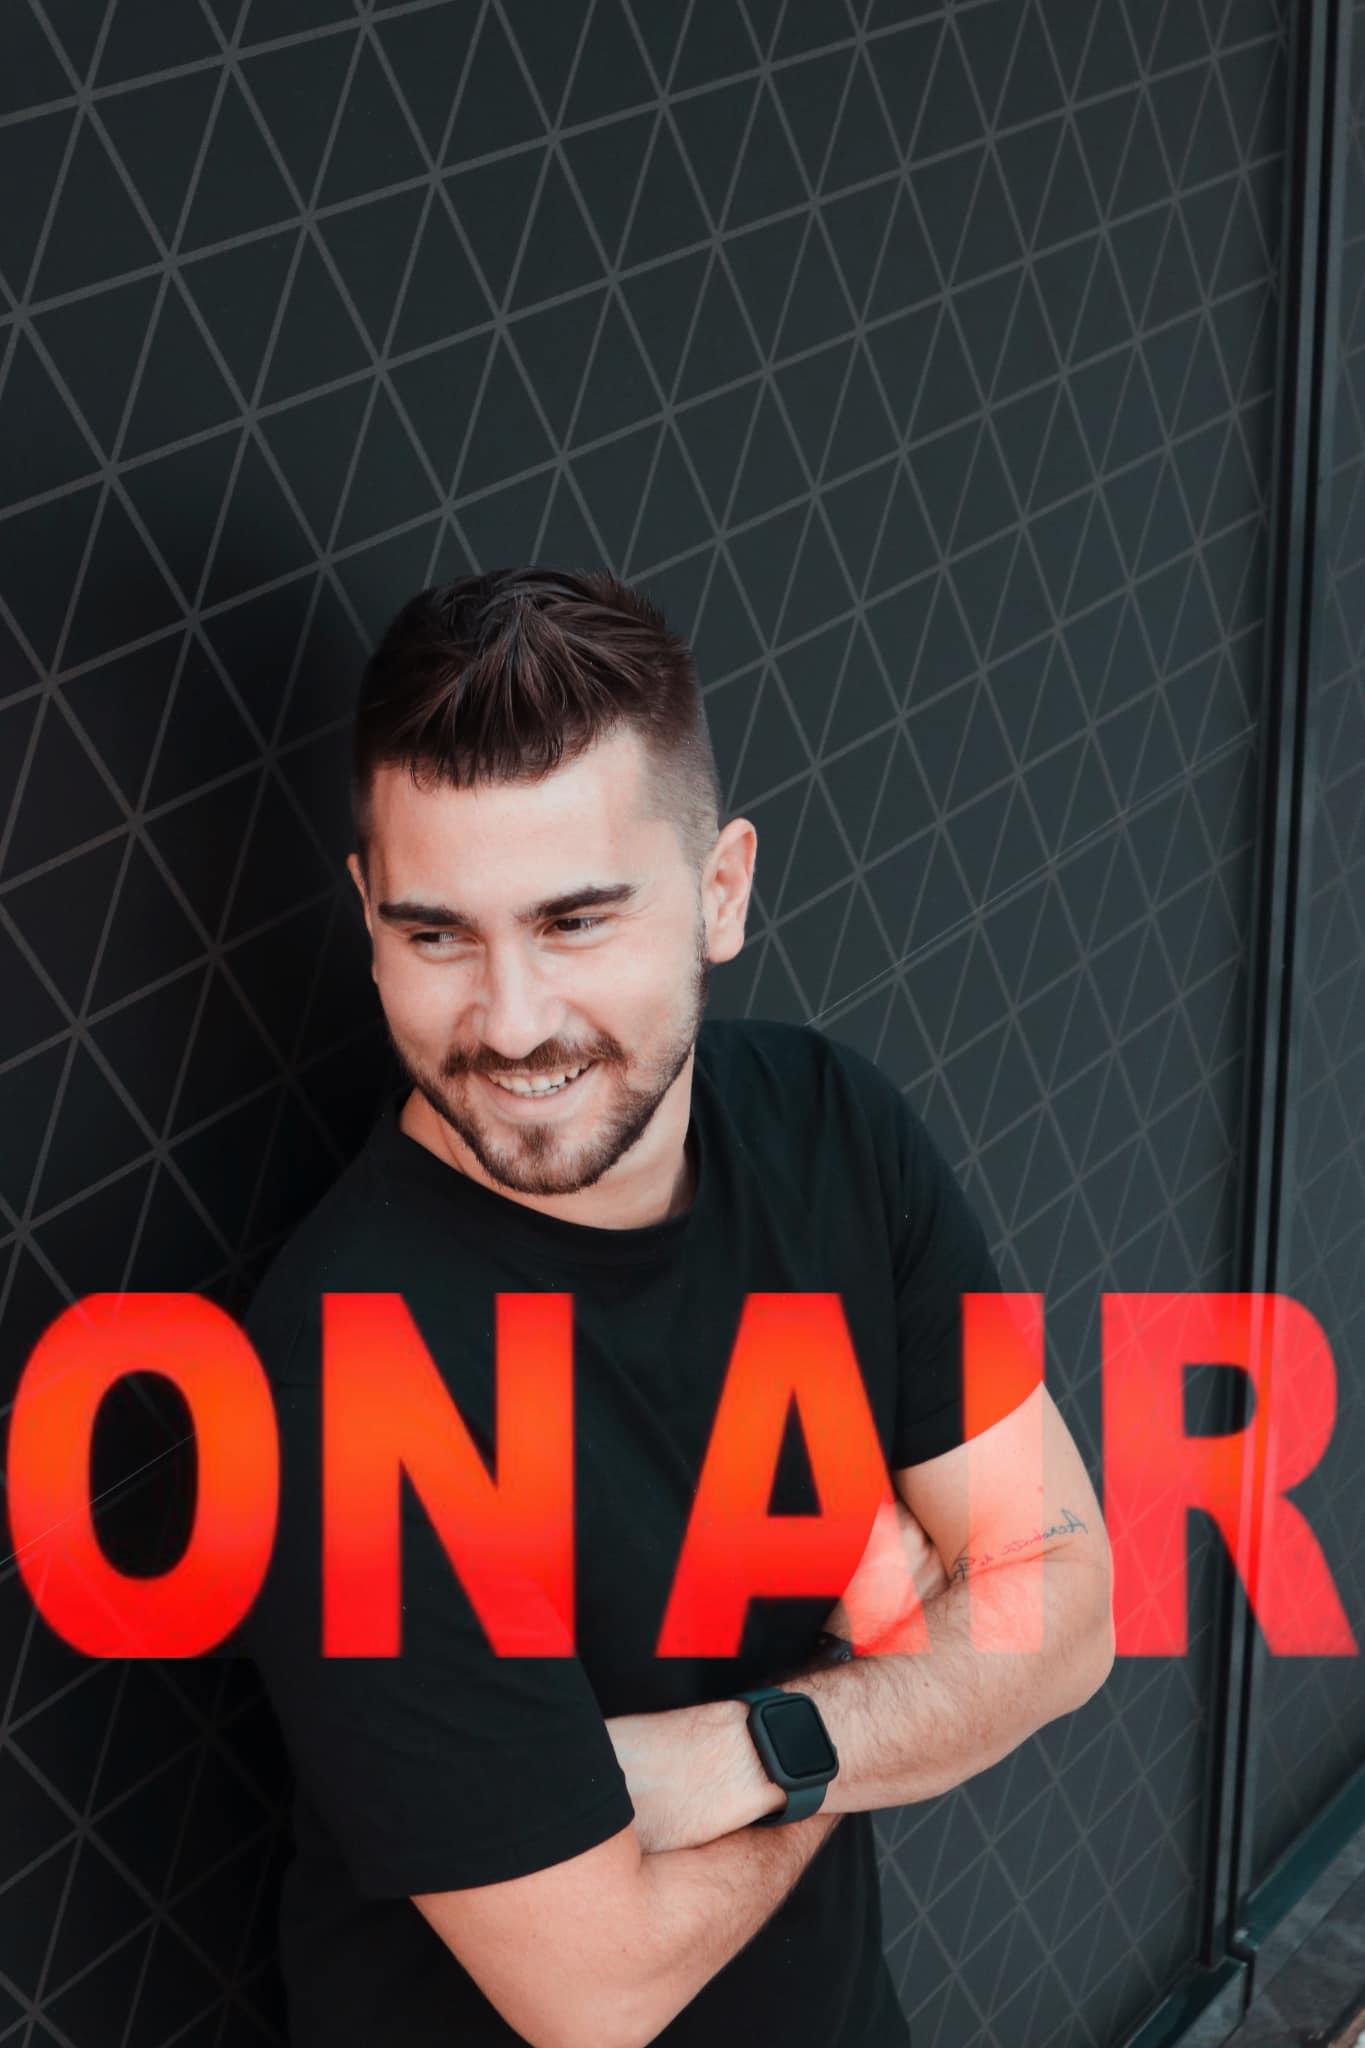 Andrea Candolfo - In Diretta alla prima puntata di Cantiamo alla Radio su Radio Cantù